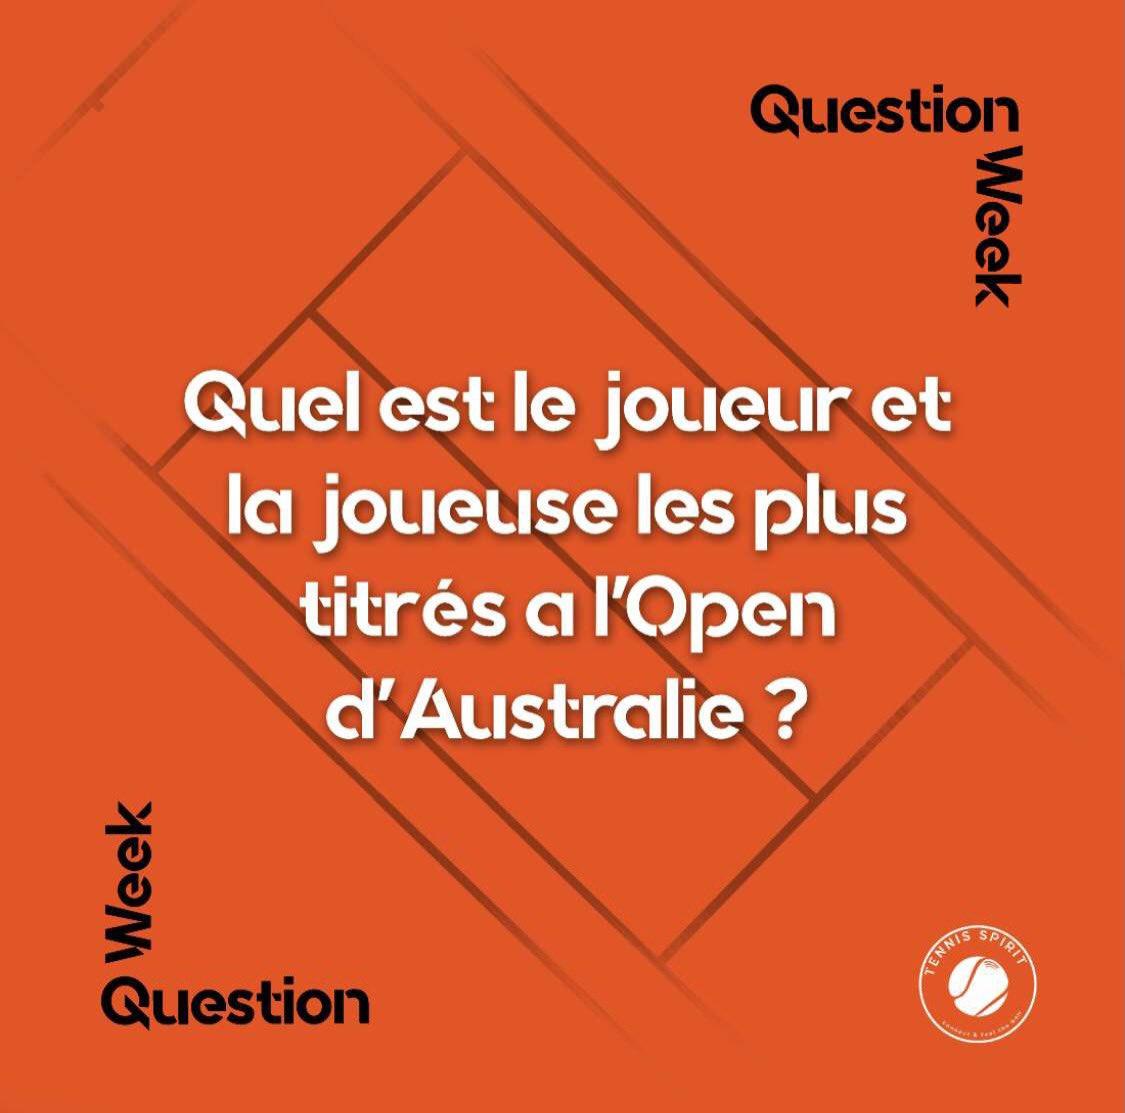 Vous en avez l'habitude maintenant, comme toutes les semaines voici la question tennis 🎾  Alors vous avez des idées ?   N'hésite pas à commenter et partager  pour prouver à tes followers que TU as la bonne réponse 😉   #tennis #AustralianOpen #AustralianOpen2021 #quiz